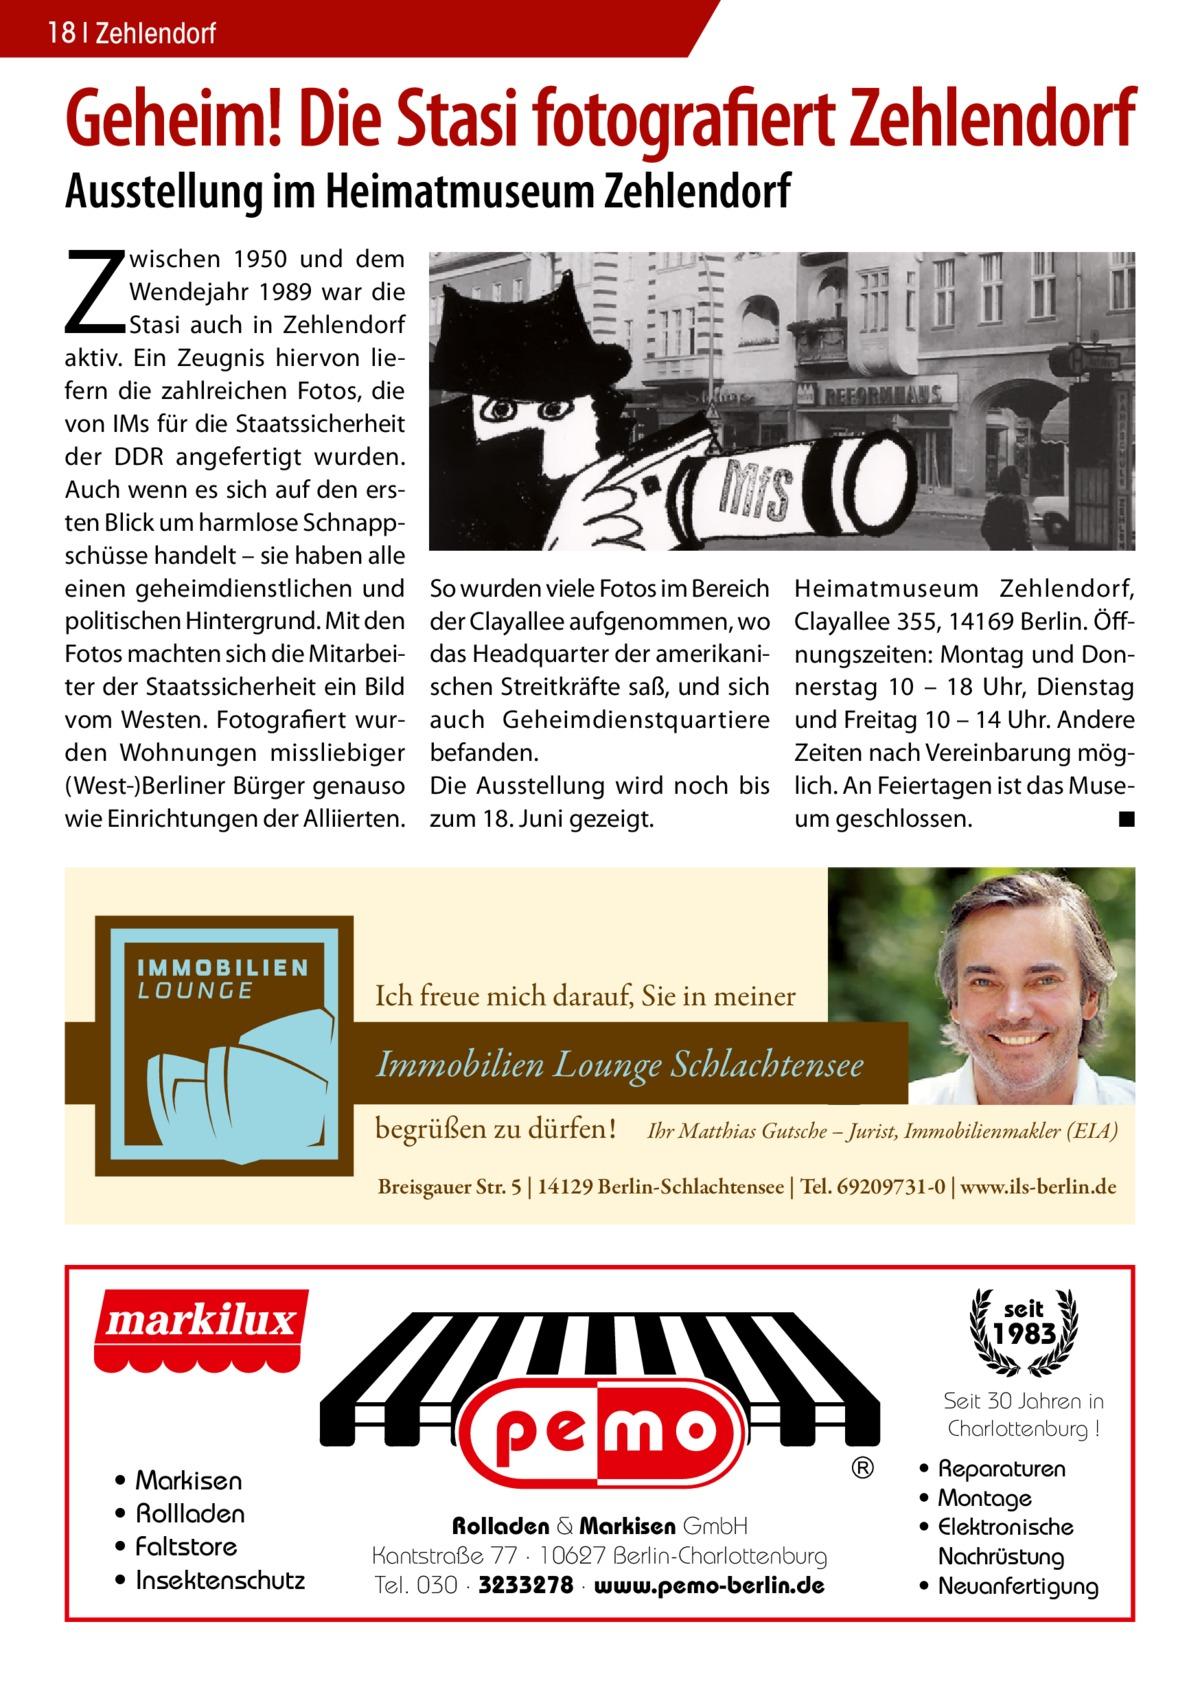 18 Zehlendorf  Geheim! Die Stasi fotografiert Zehlendorf Ausstellung im Heimatmuseum Zehlendorf  Z  wischen 1950 und dem Wendejahr 1989 war die Stasi auch in Zehlendorf aktiv. Ein Zeugnis hiervon liefern die zahlreichen Fotos, die von IMs für die Staatssicherheit der DDR angefertigt wurden. Auch wenn es sich auf den ersten Blick um harmlose Schnappschüsse handelt – sie haben alle einen geheimdienstlichen und politischen Hintergrund. Mit den Fotos machten sich die Mitarbeiter der Staatssicherheit ein Bild vom Westen. Fotografiert wurden Wohnungen missliebiger (West-)Berliner Bürger genauso wie Einrichtungen der Alliierten.  So wurden viele Fotos im Bereich der Clayallee aufgenommen, wo das Headquarter der amerikanischen Streitkräfte saß, und sich auch Geheimdienstquartiere befanden. Die Ausstellung wird noch bis zum 18. Juni gezeigt.  H eimatmuseum Zehlendorf, Clayallee355, 14169 Berlin. Öffnungszeiten: Montag und Donnerstag 10 – 18 Uhr, Dienstag und Freitag 10 – 14 Uhr. Andere Zeiten nach Vereinbarung möglich. An Feiertagen ist das Museum geschlossen. � ◾  Ich freue mich darauf, Sie in meiner  Immobilien Lounge Schlachtensee begrüßen zu dürfen!  Ihr Matthias Gutsche – Jurist, Immobilienmakler (EIA)  Breisgauer Str. 5   14129 Berlin-Schlachtensee   Tel. 69209731-0   www.ils-berlin.de  seit  1983 Seit 30 Jahren in Charlottenburg !  • • • •  Markisen Rollladen Faltstore Insektenschutz  Rolladen & Markisen GmbH Kantstraße 77 · 10627 Berlin-Charlottenburg Tel. 030 · 3233278 · www.pemo-berlin.de  • Reparaturen • Montage • Elektronische Nachrüstung • Neuanfertigung